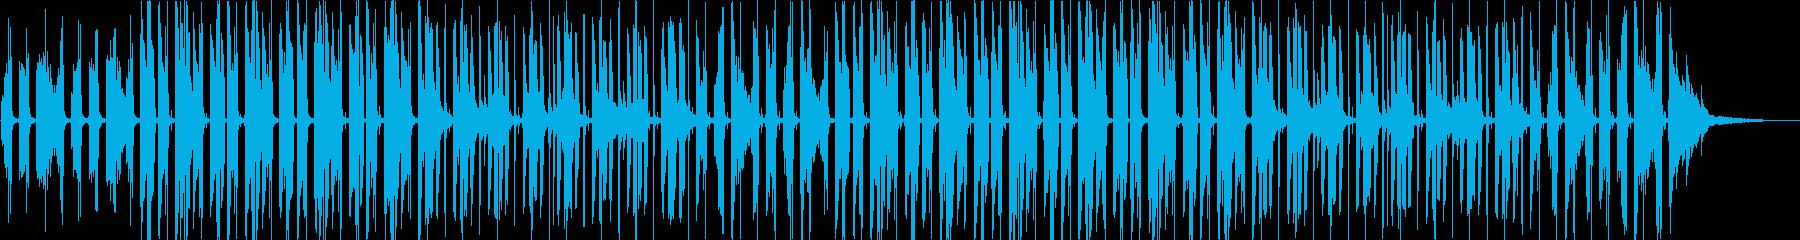 【生演奏】海沿いのアコースティックギターの再生済みの波形